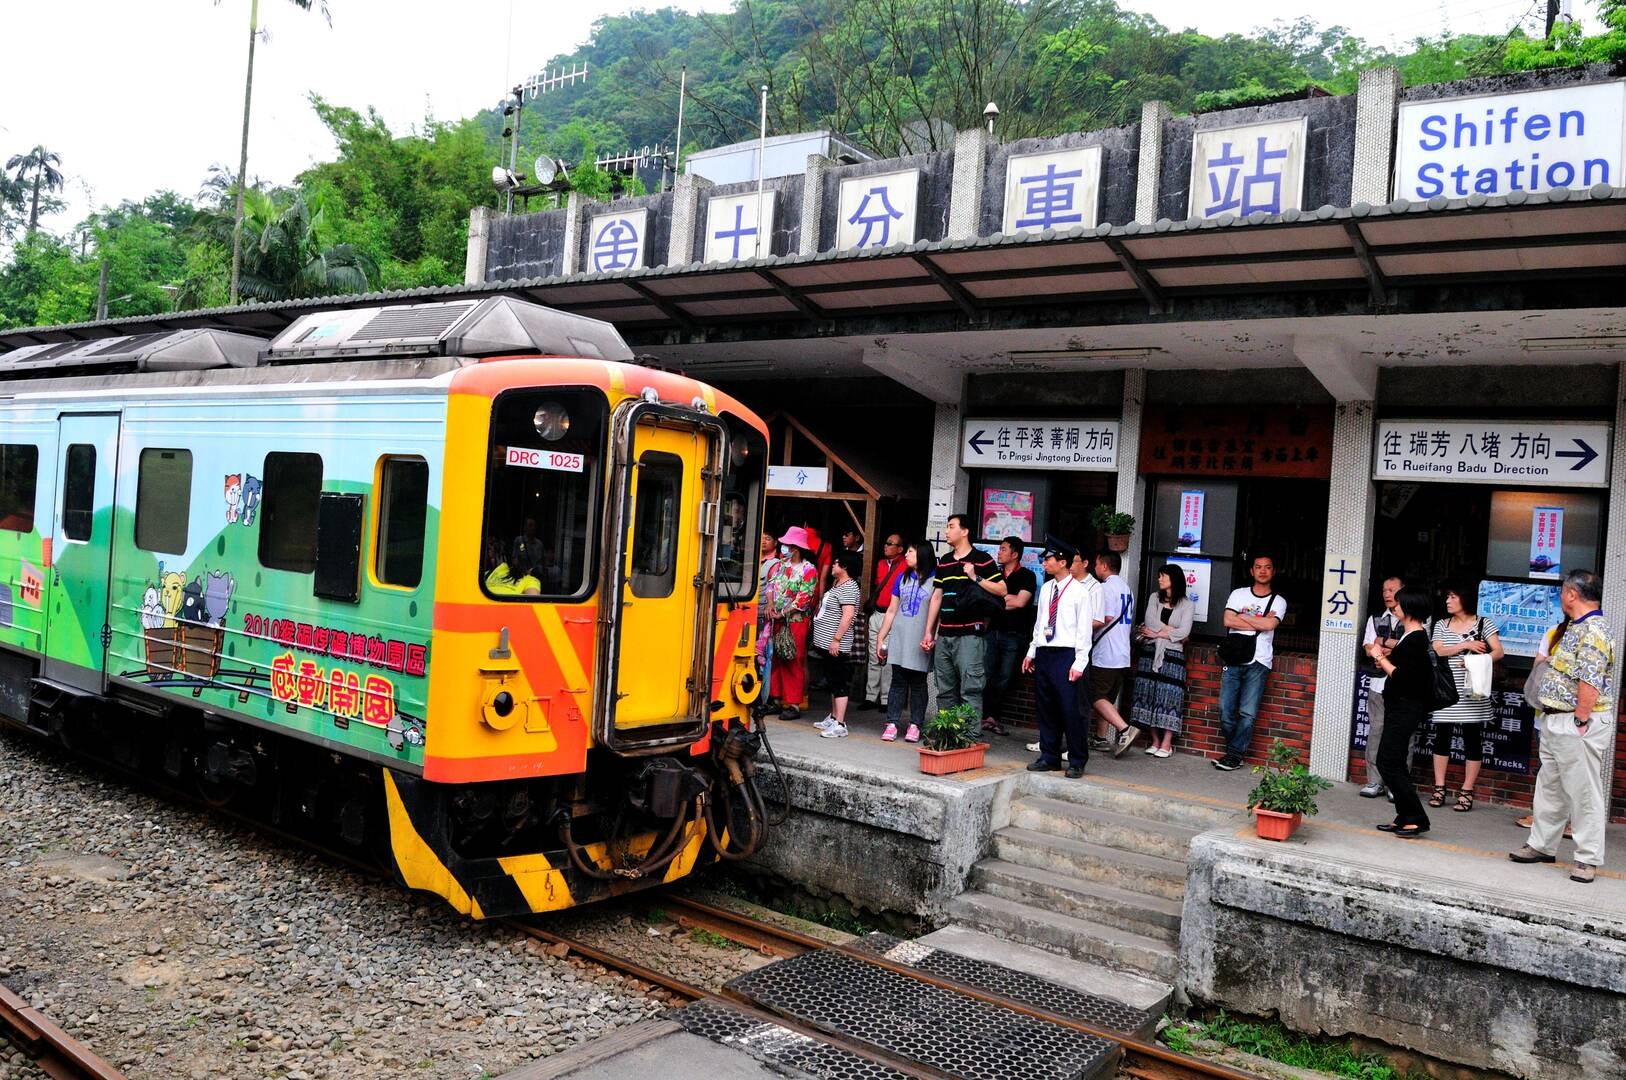 Shifen Railway Station